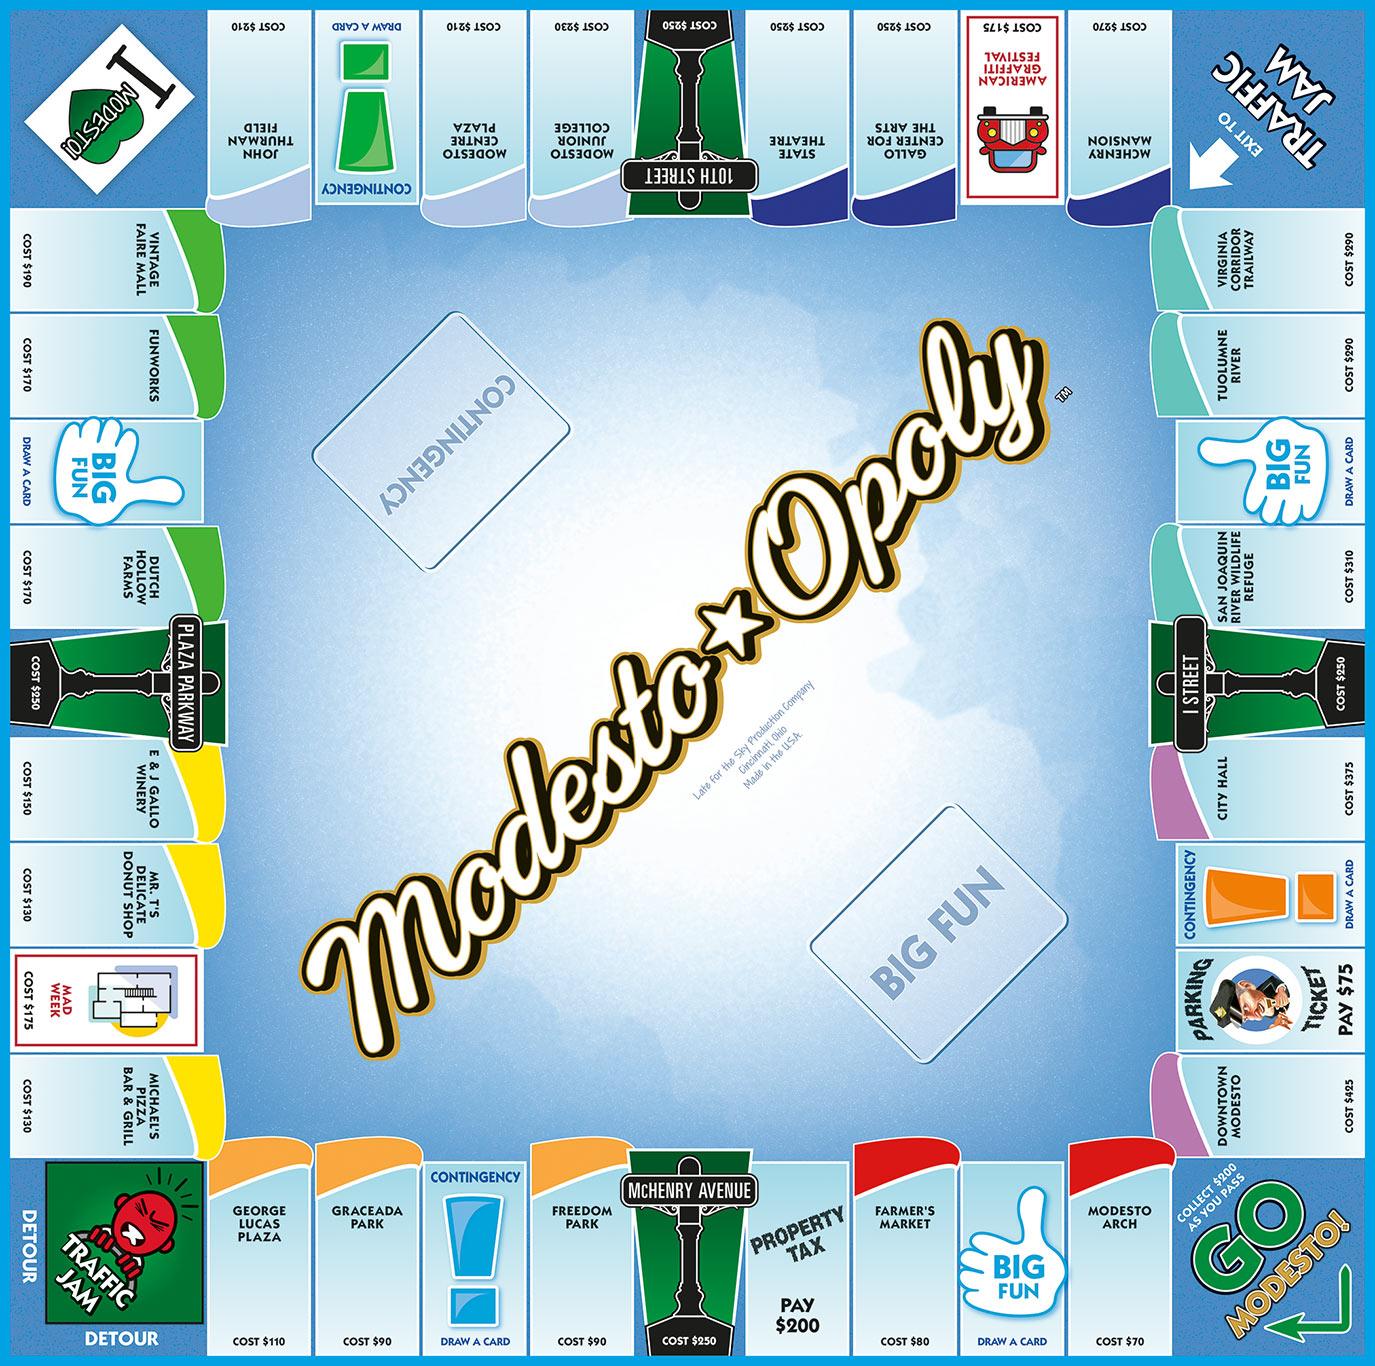 MODESTO-OPOLY Board Game